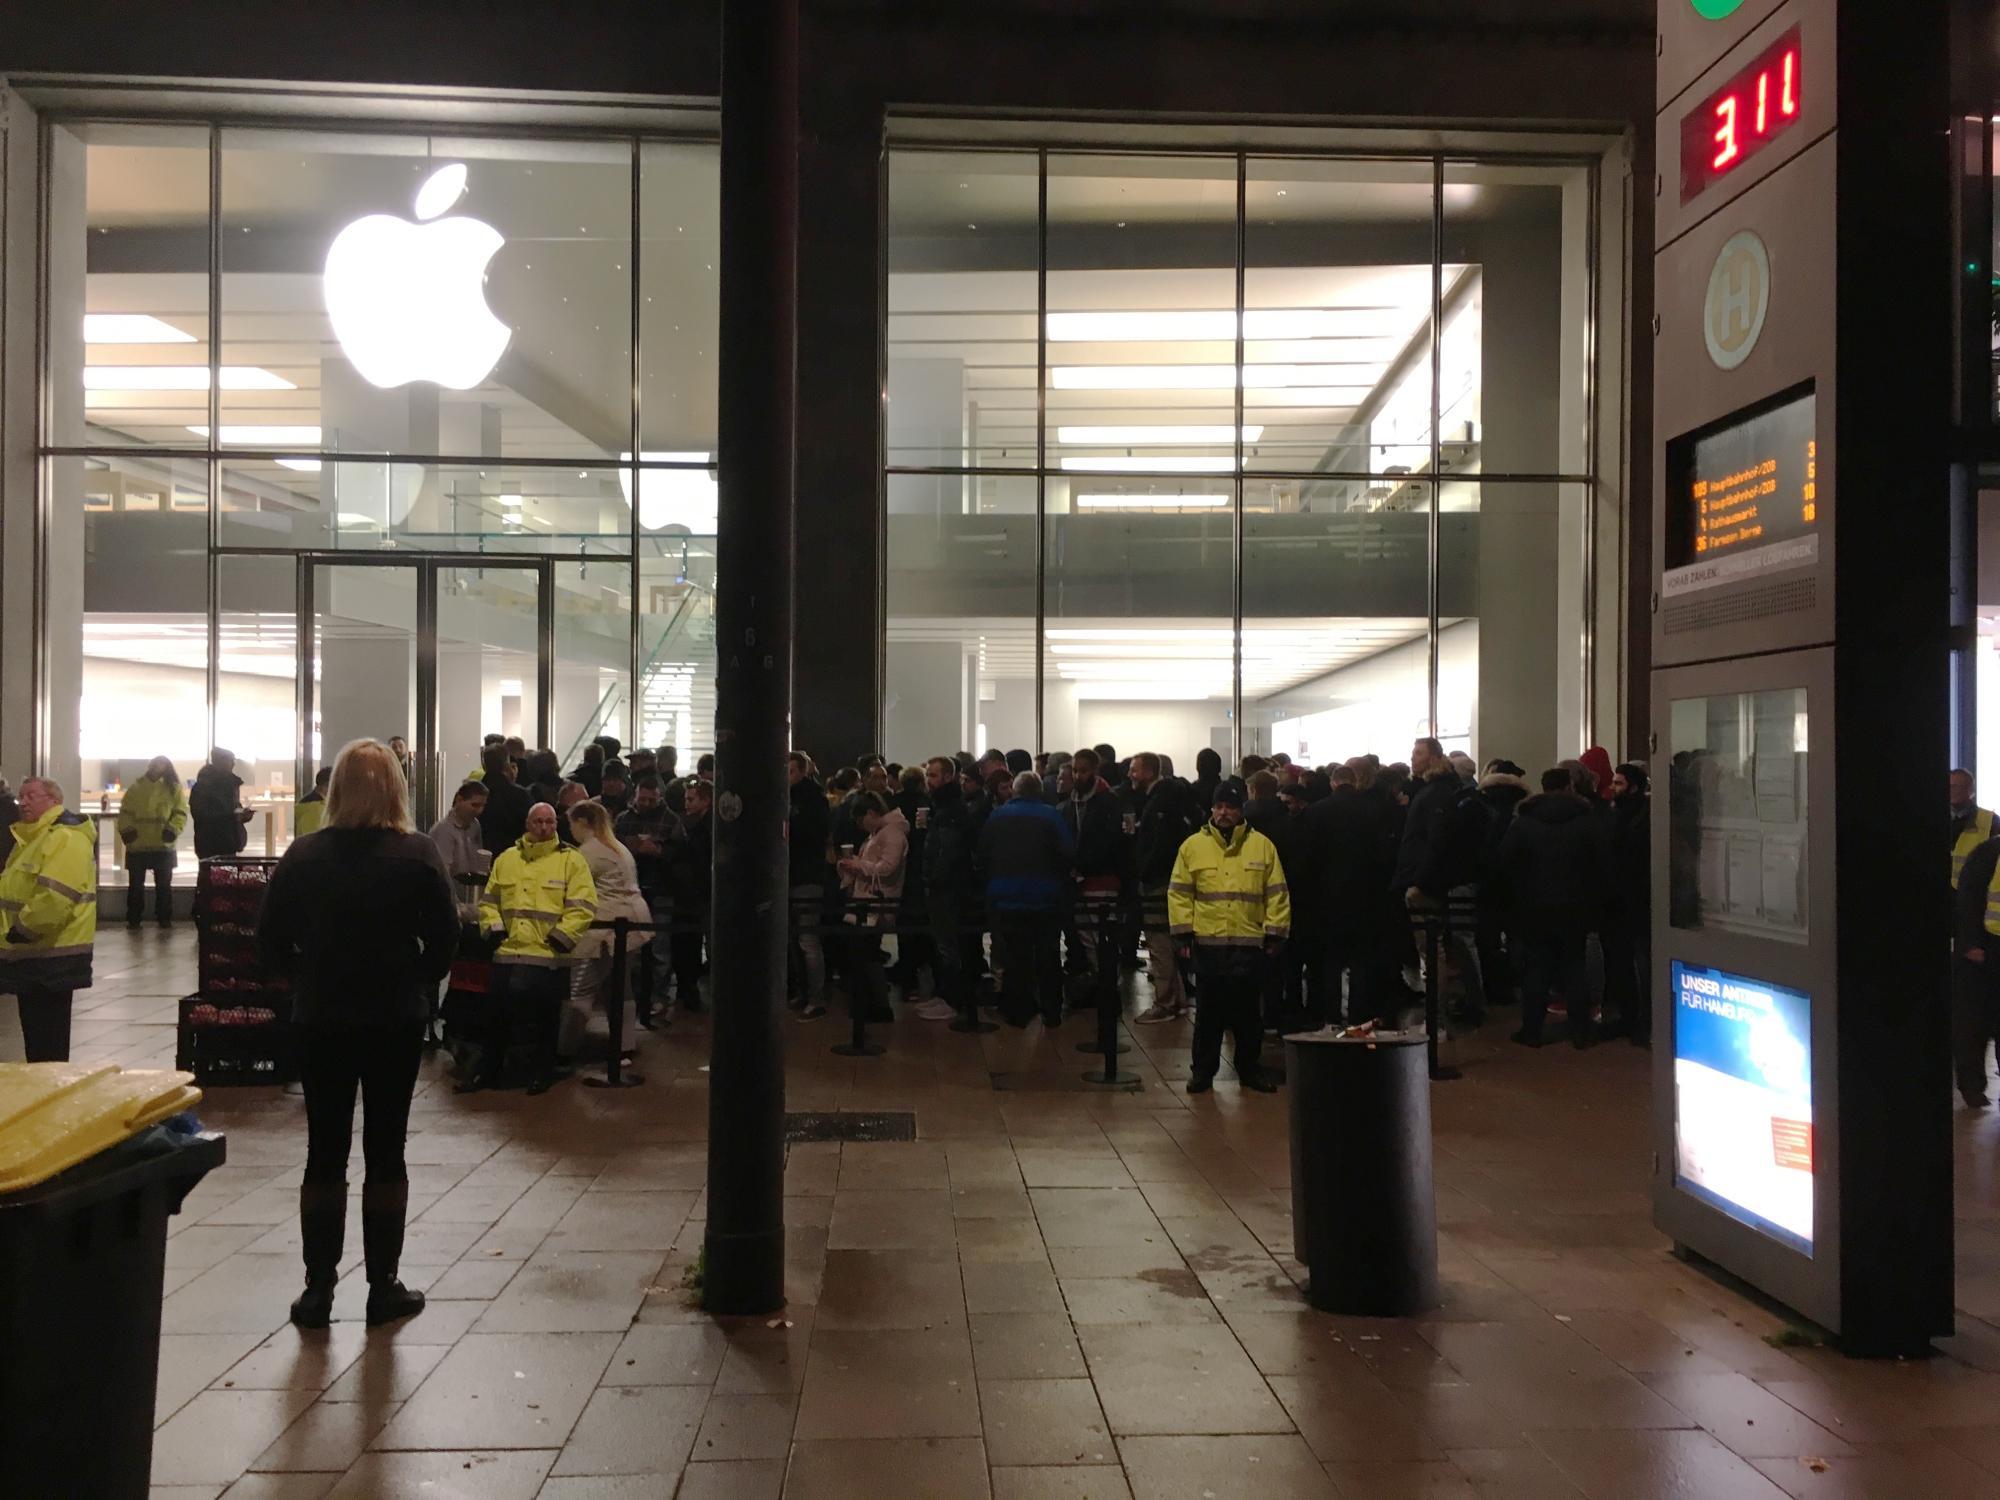 Der Apple Store Jungfernstieg in Hamburg am Freitag um 6:30 Uhr – vor dem Verkaufsstart des iPhone X.